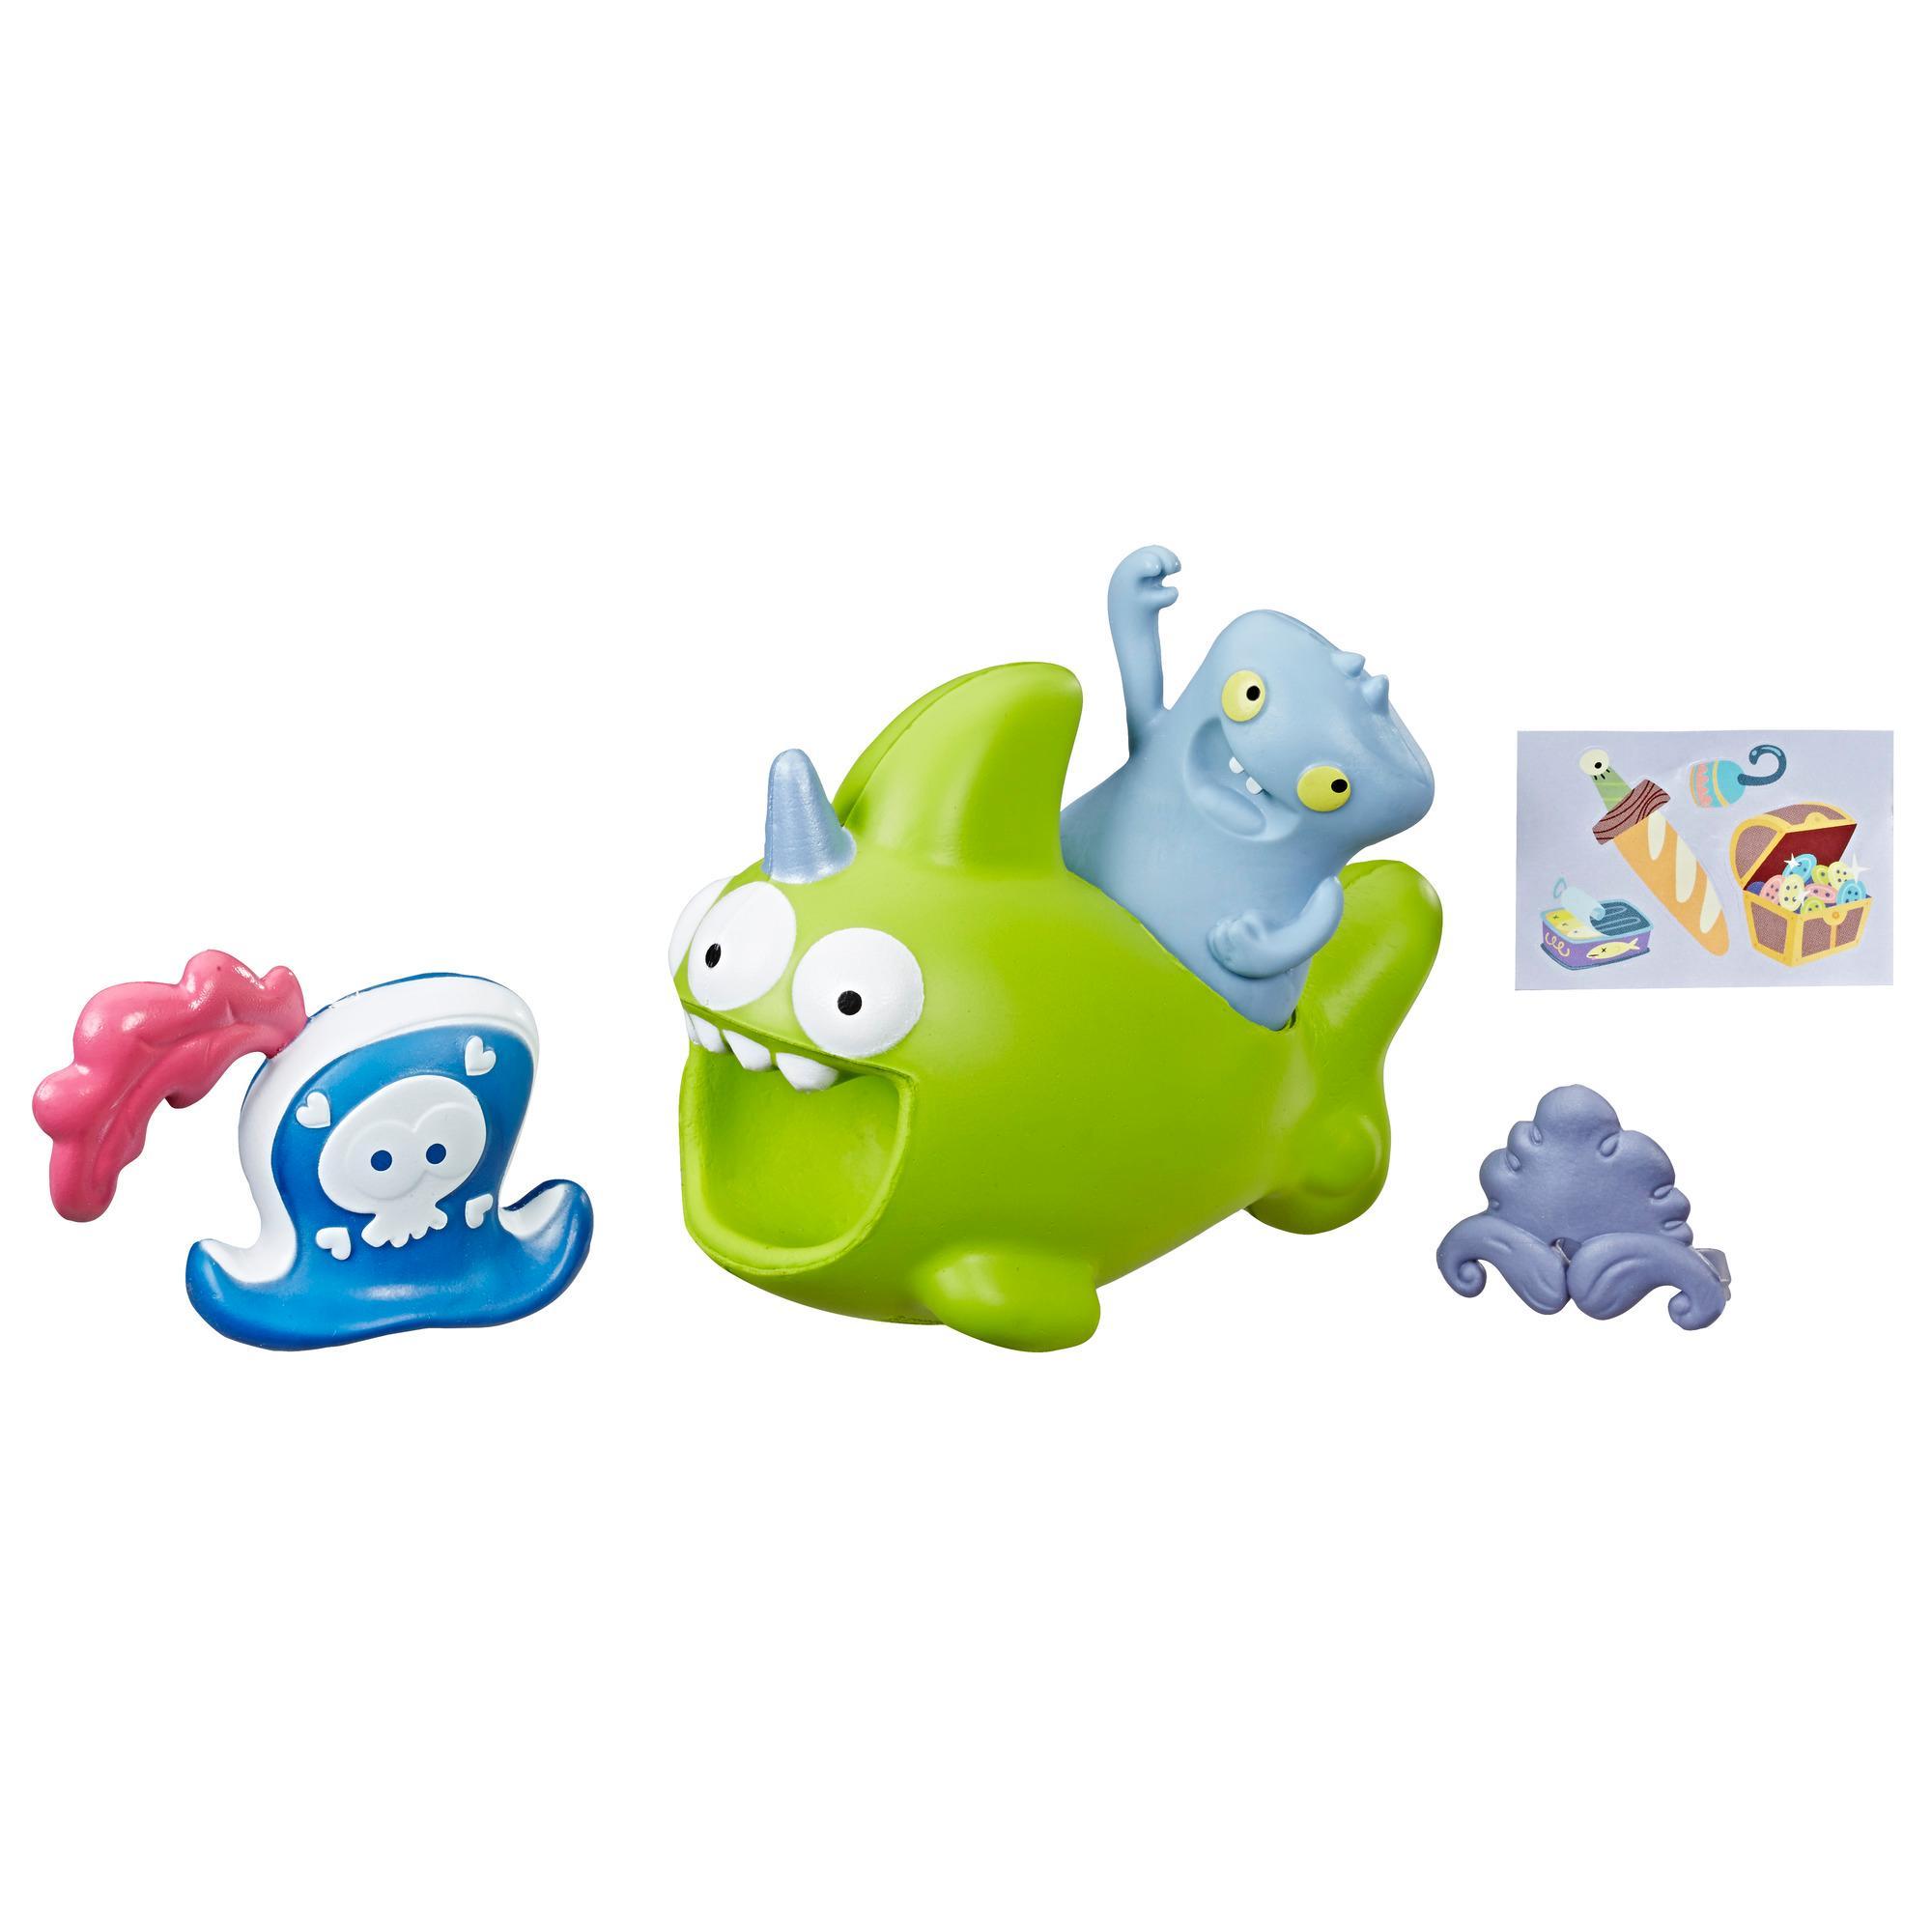 UglyDolls Babo e Sharwhal para apertar e levar - 2 brinquedos com acessórios